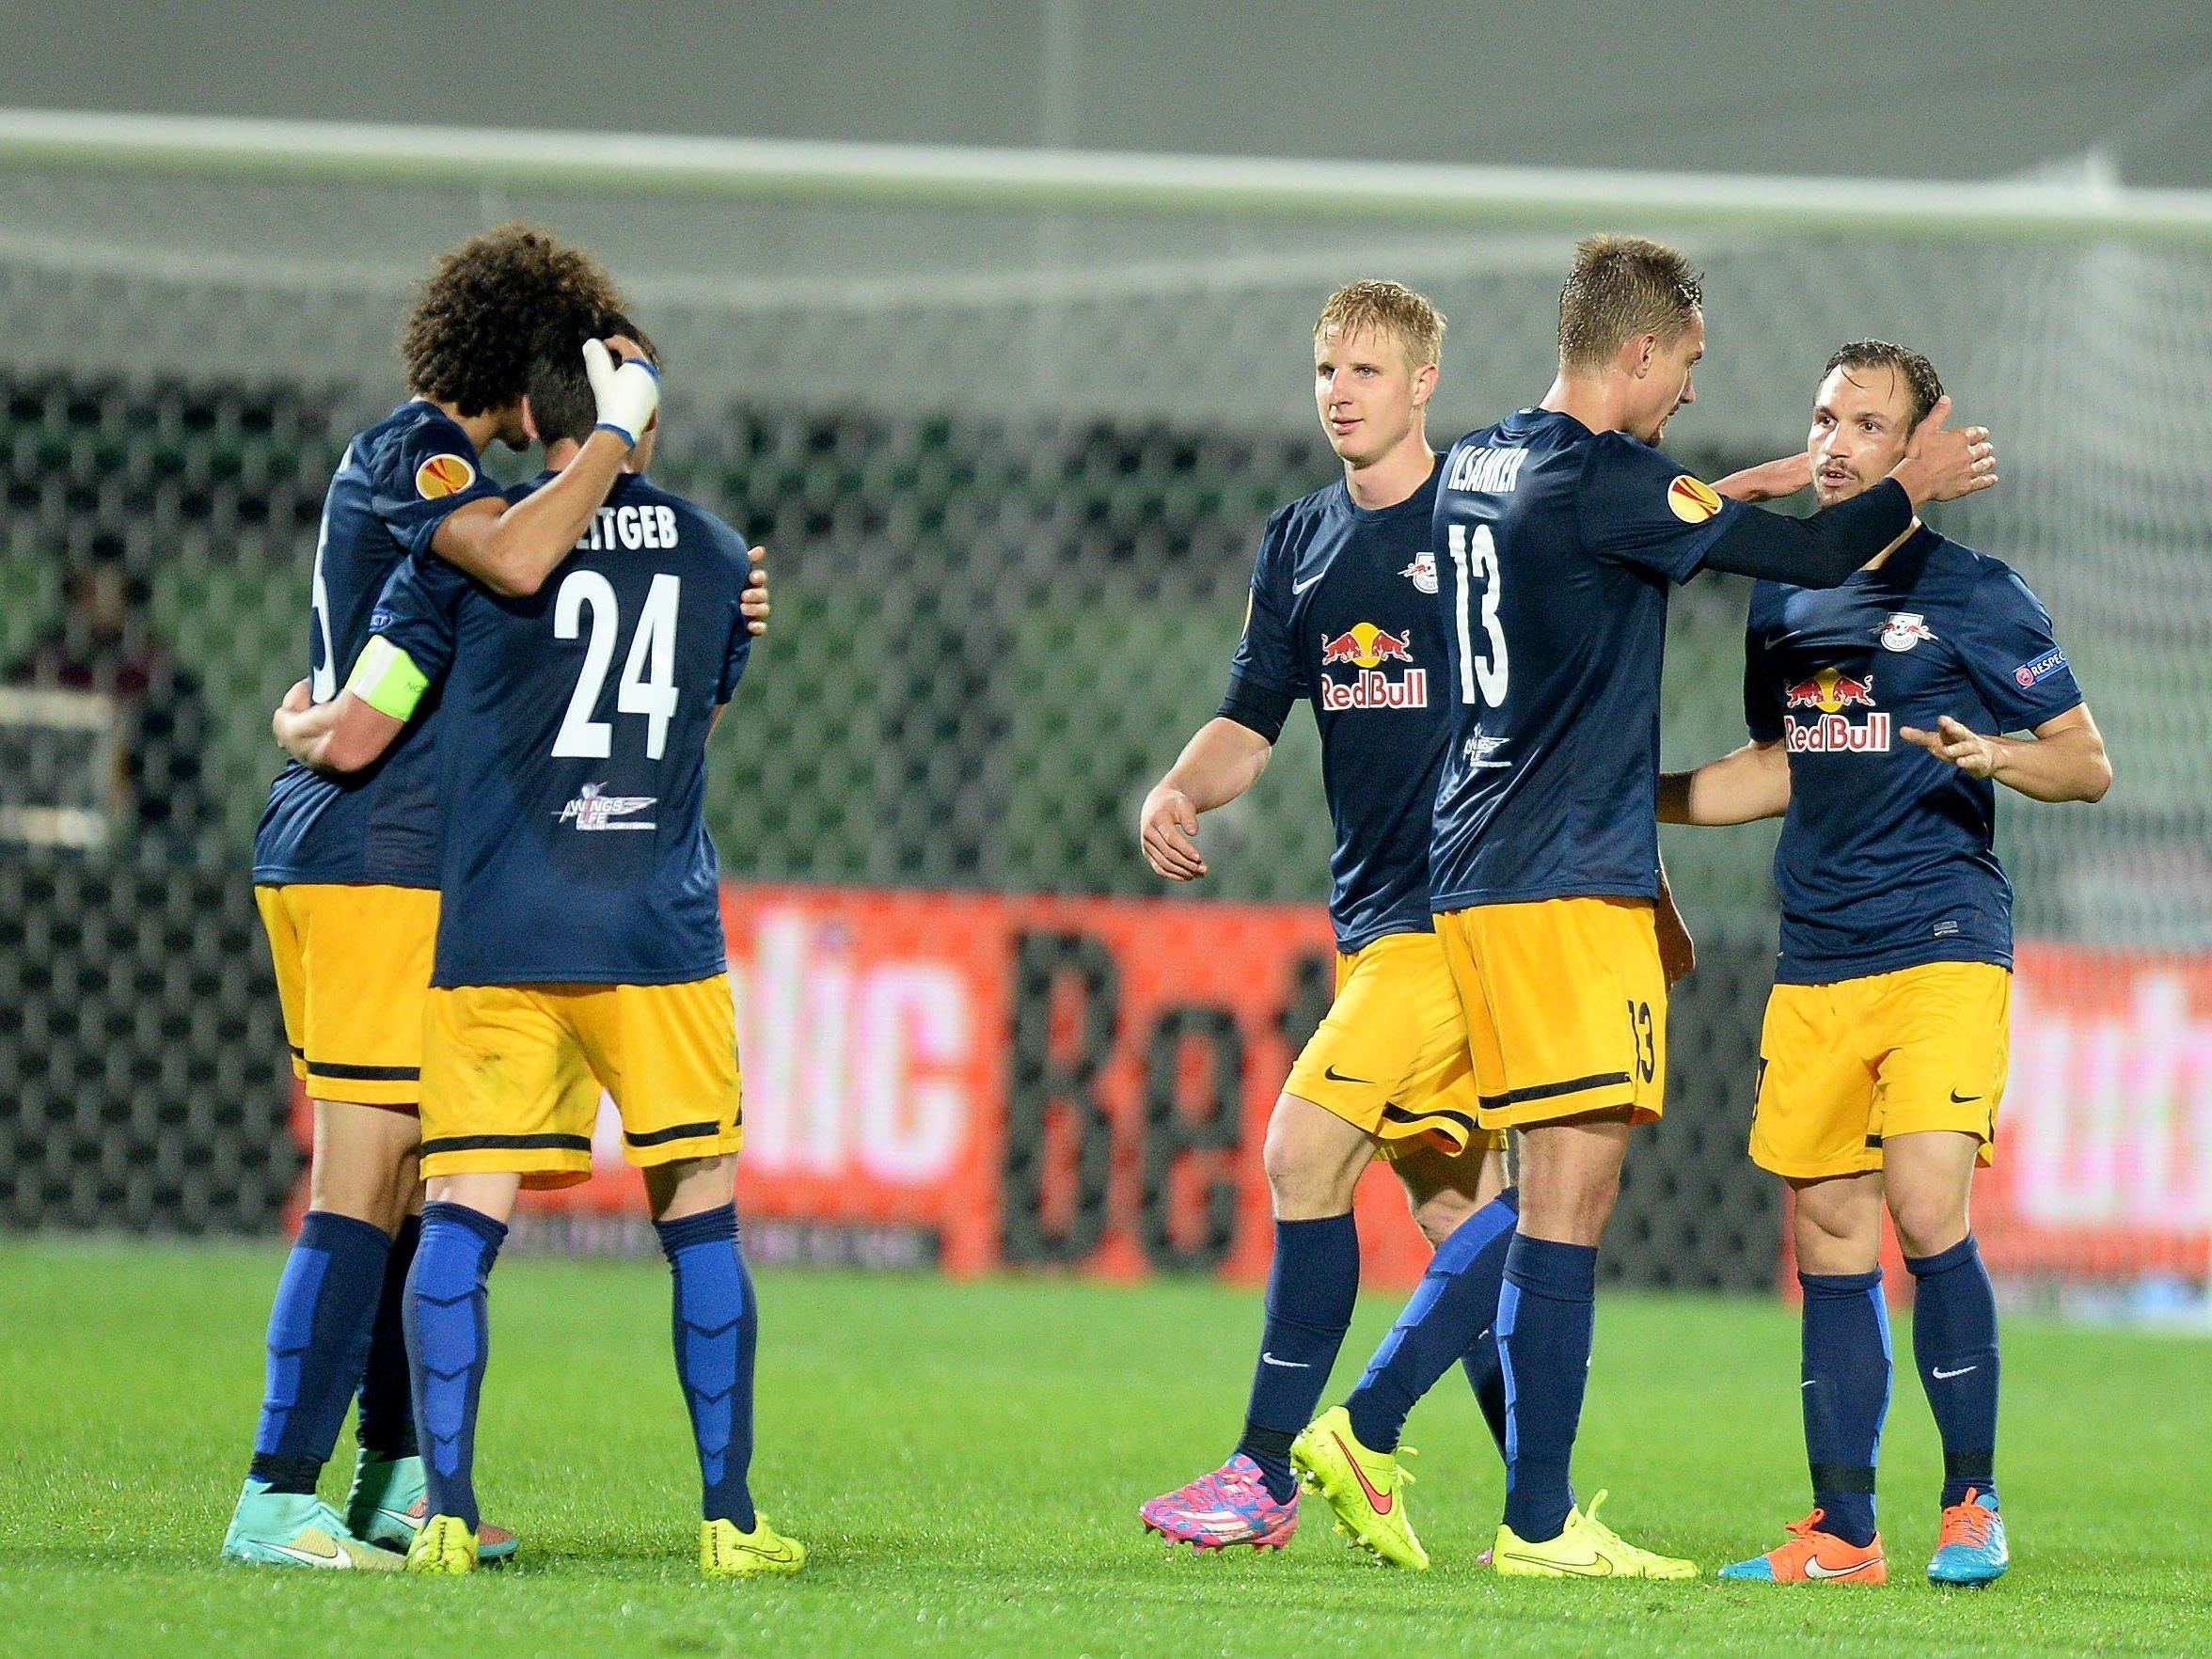 LIVE-Ticker zum Spiel Red Bull Salzburg gegen SC Wiener Neustadt ab 19.00 Uhr.